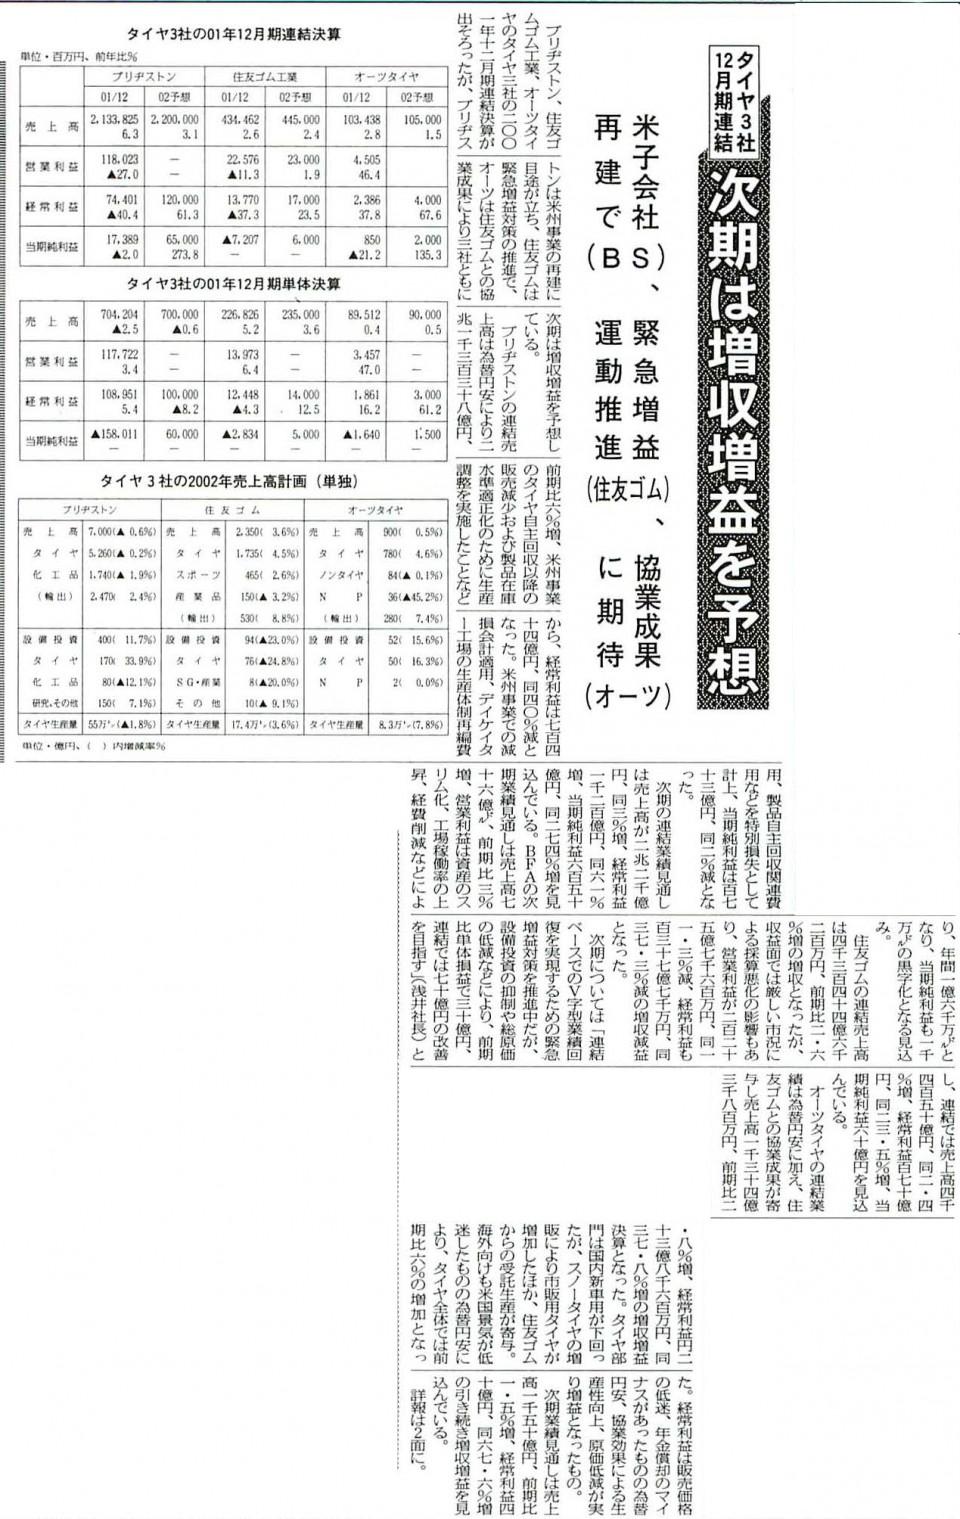 タイヤ3社12月期連結 時期は増収増益を予想